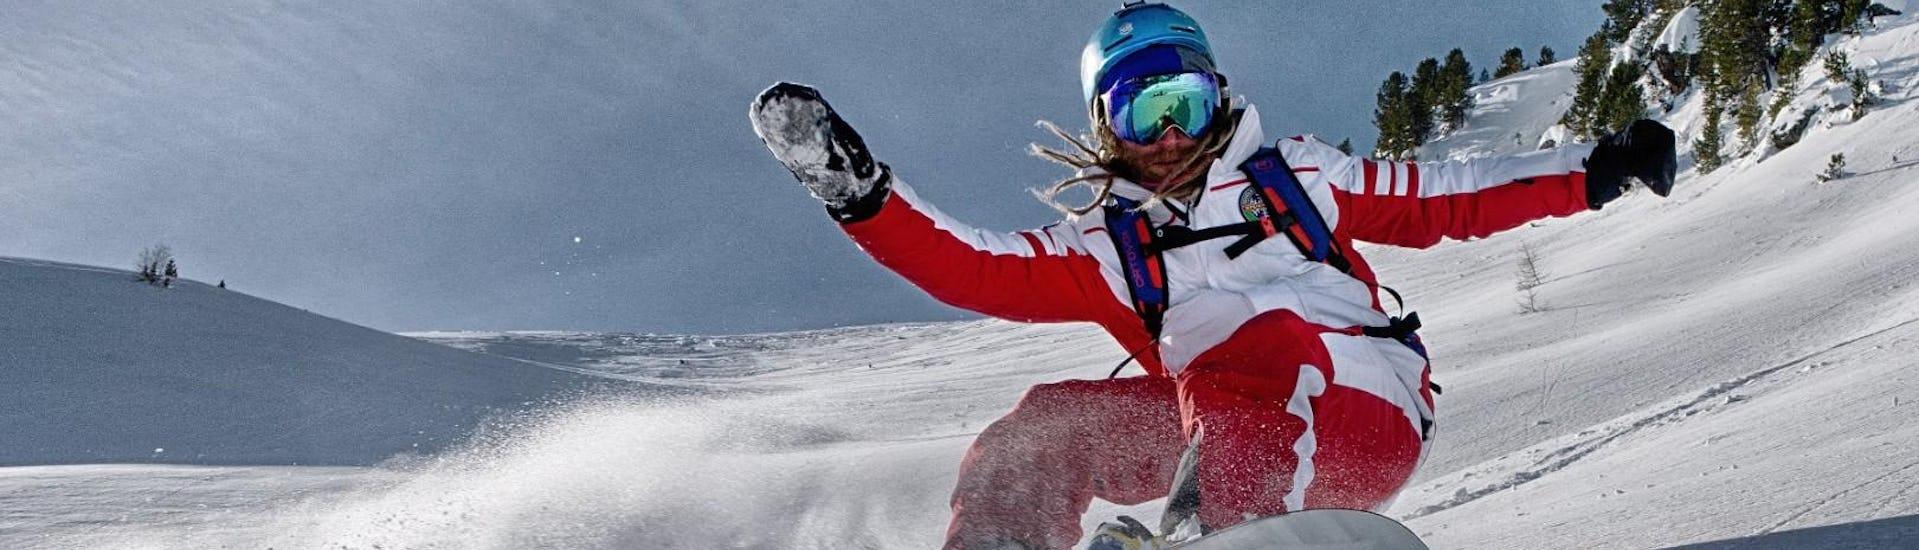 Lezioni di snowboard per bambini e adulti - Avanzato